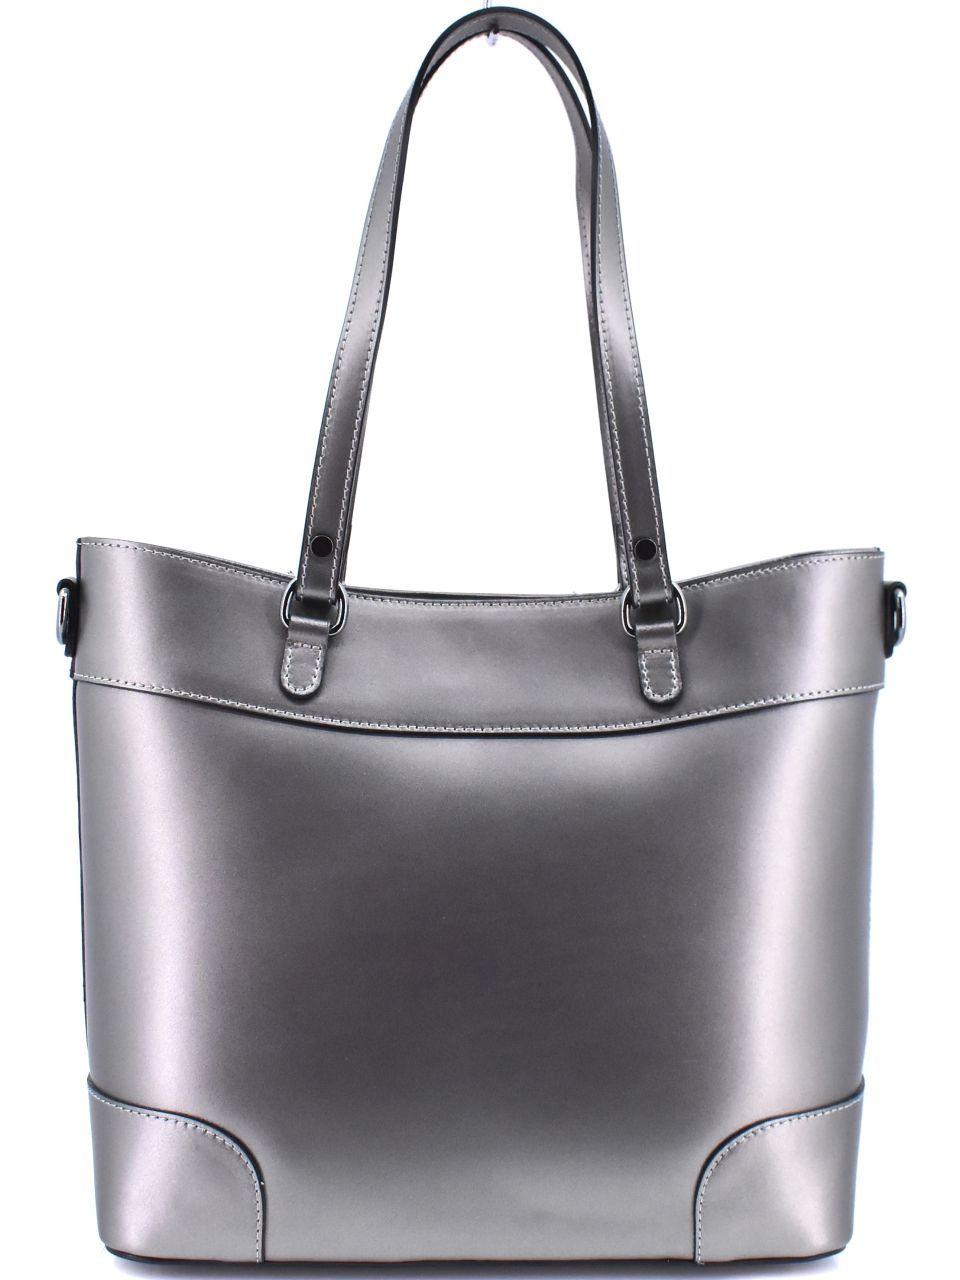 Dámská kožená kabelka Arteddy - tmavě stříbrná 40914